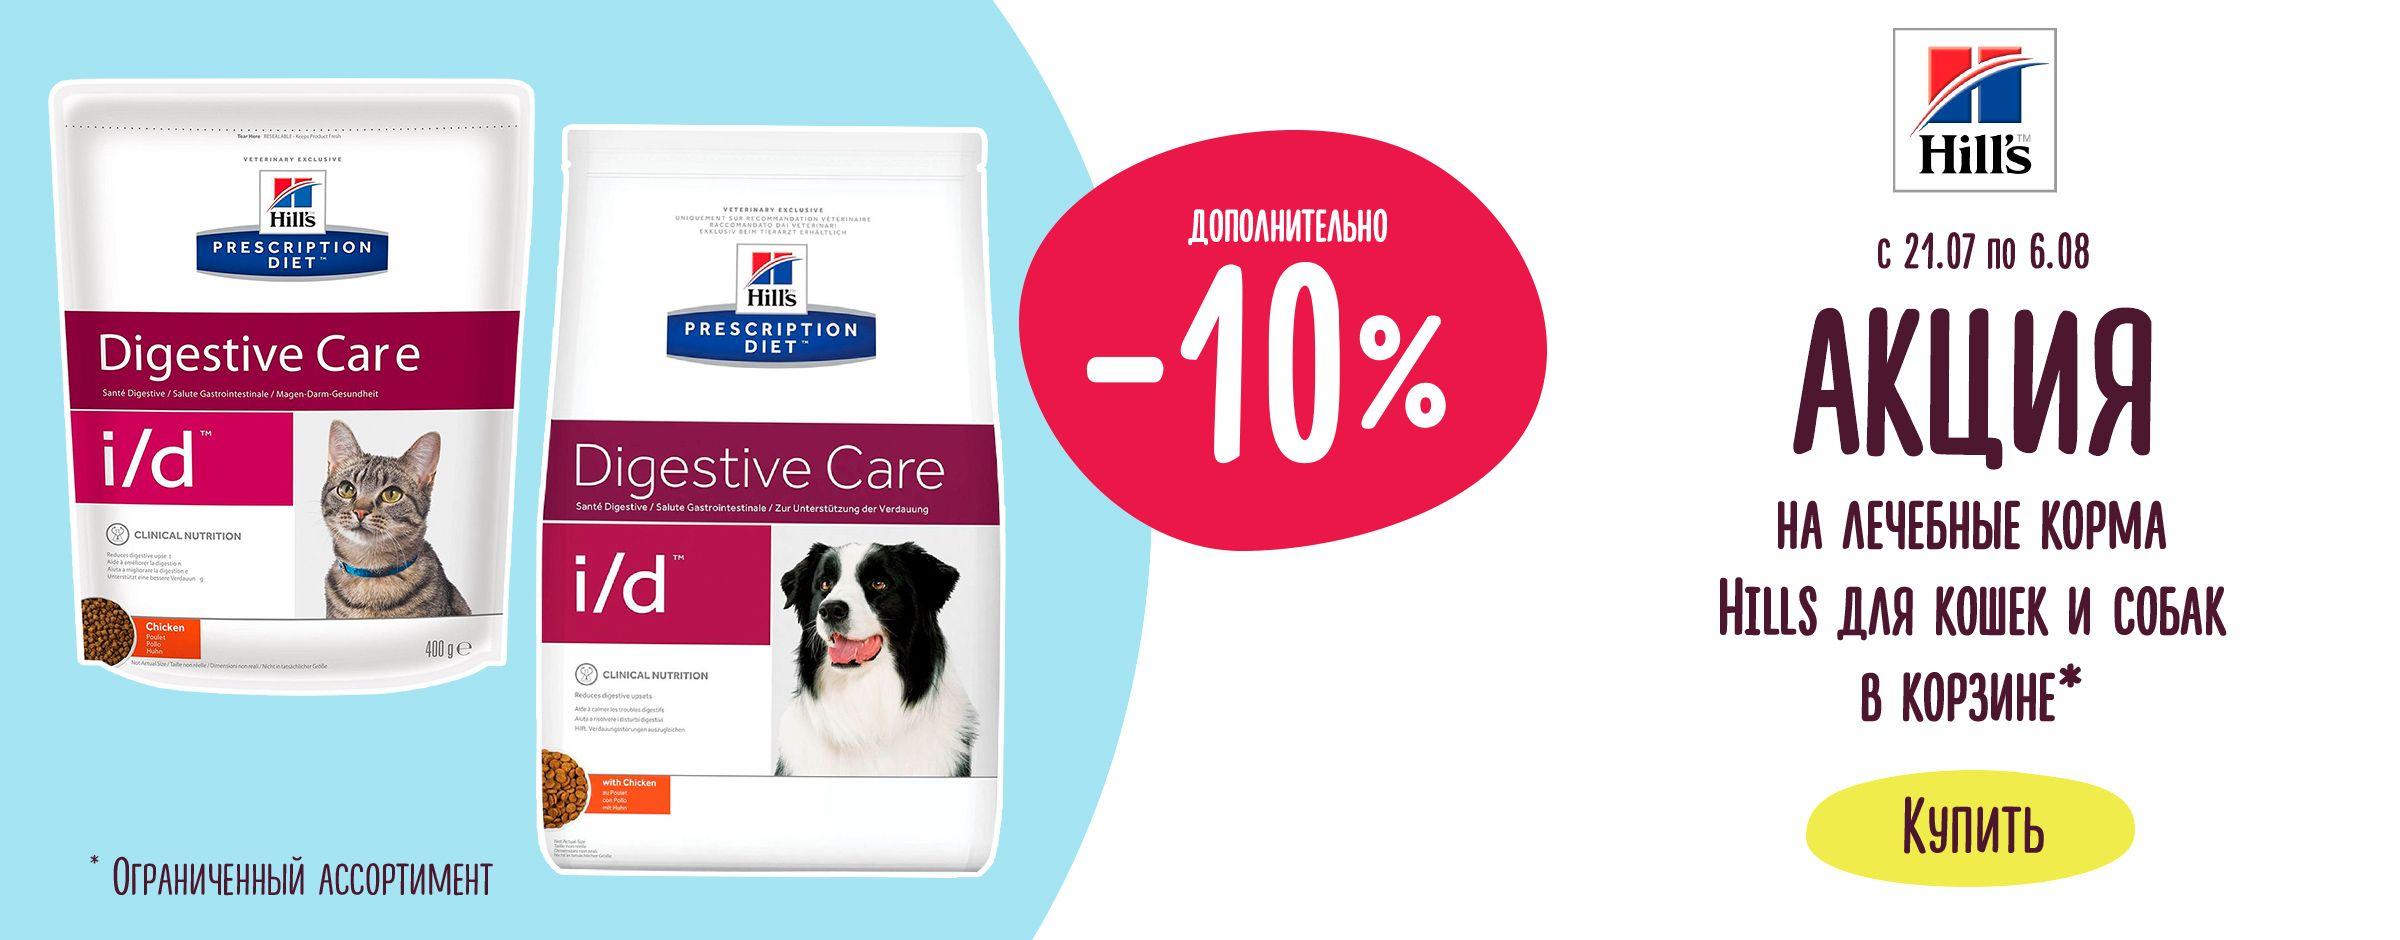 10% на лечебные корма Hills для кошек и собак в корзине